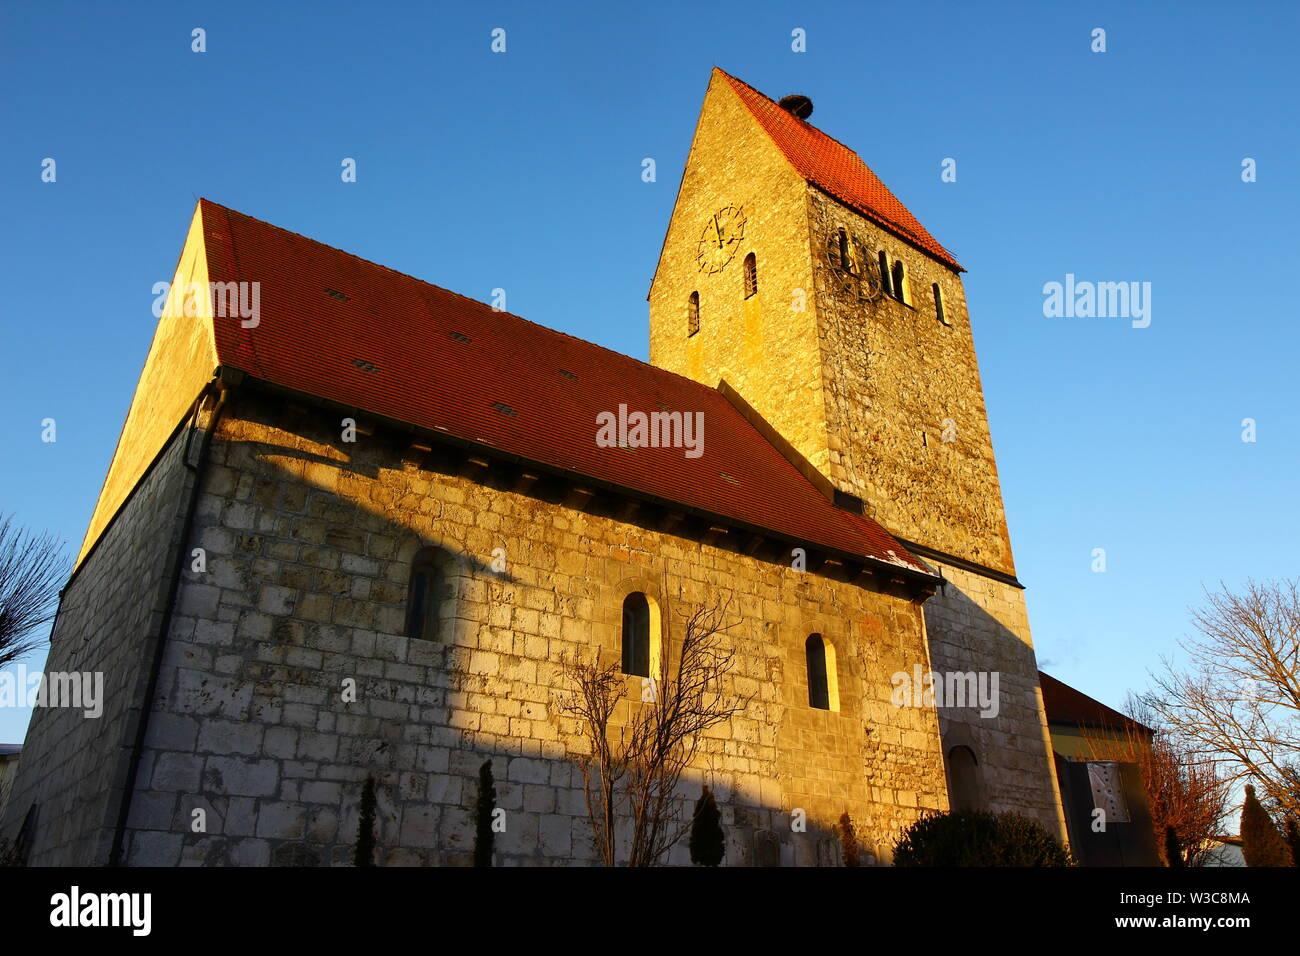 Blick auf die alte Kirch in Bad Gögging, ein Stadtteil von Neustadt an der Donau in Niederbayern - Stock Image